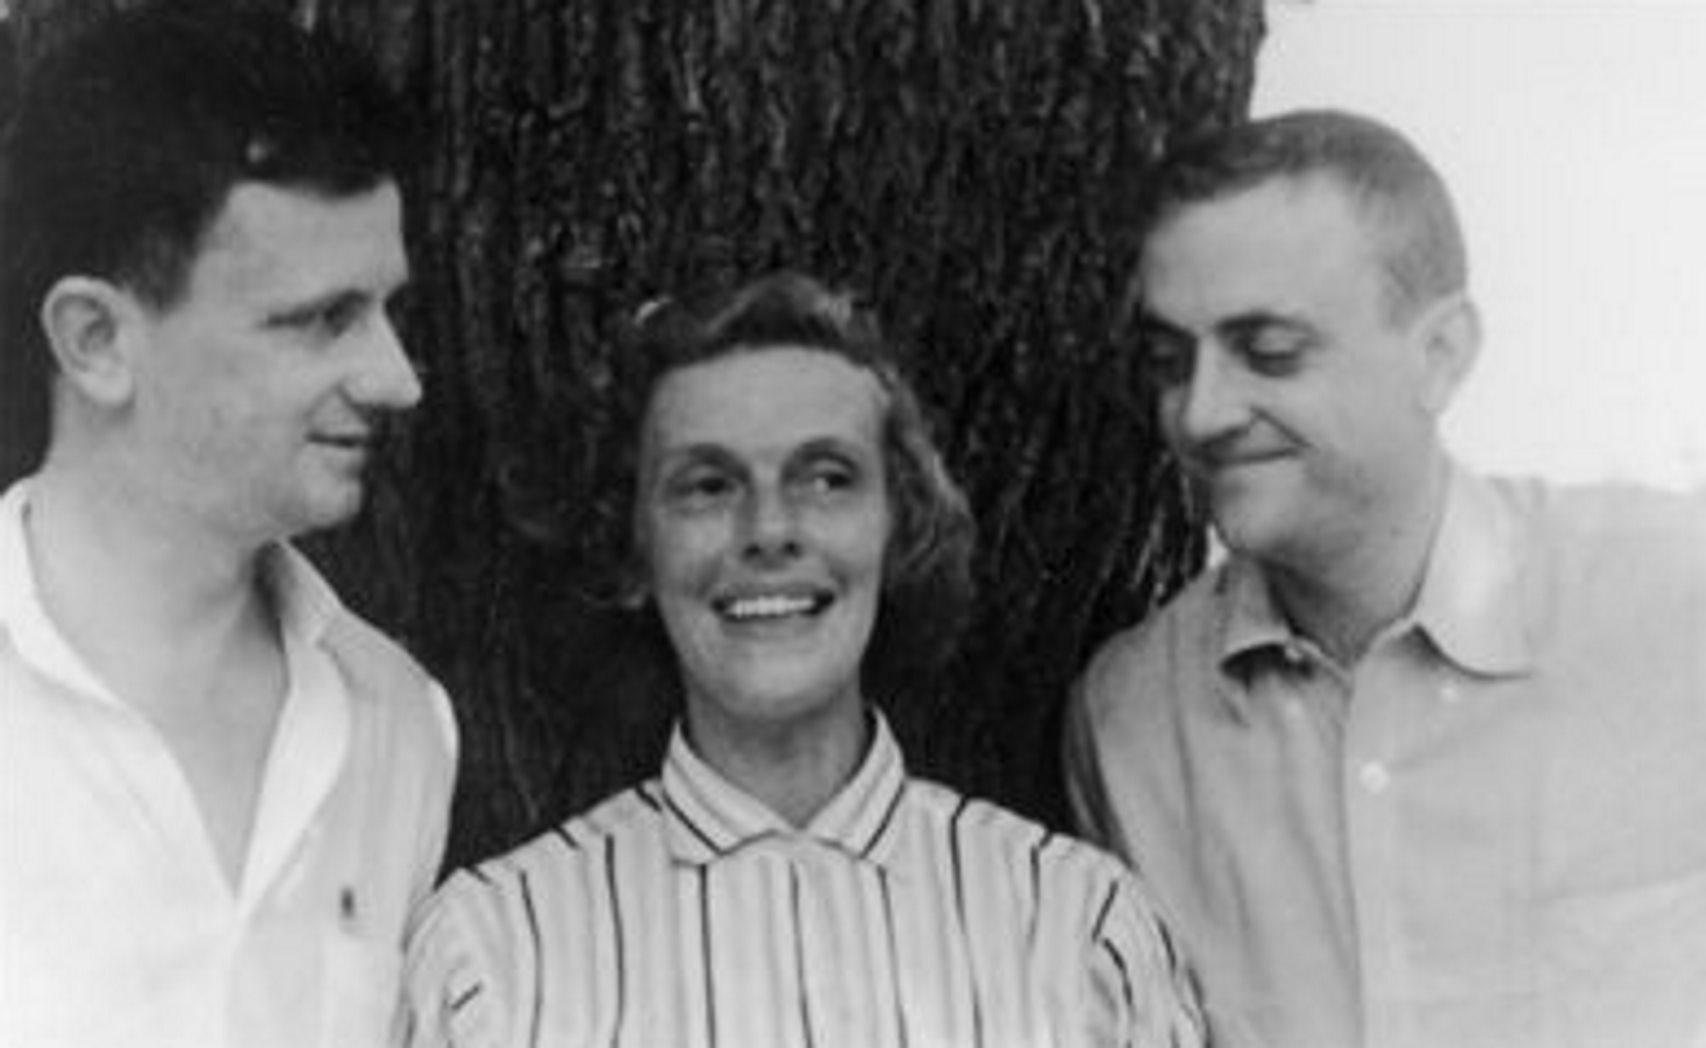 Los Beralikur, la combinación de los nombres de los tres hermanos: Bernie, Alice y Kurt.